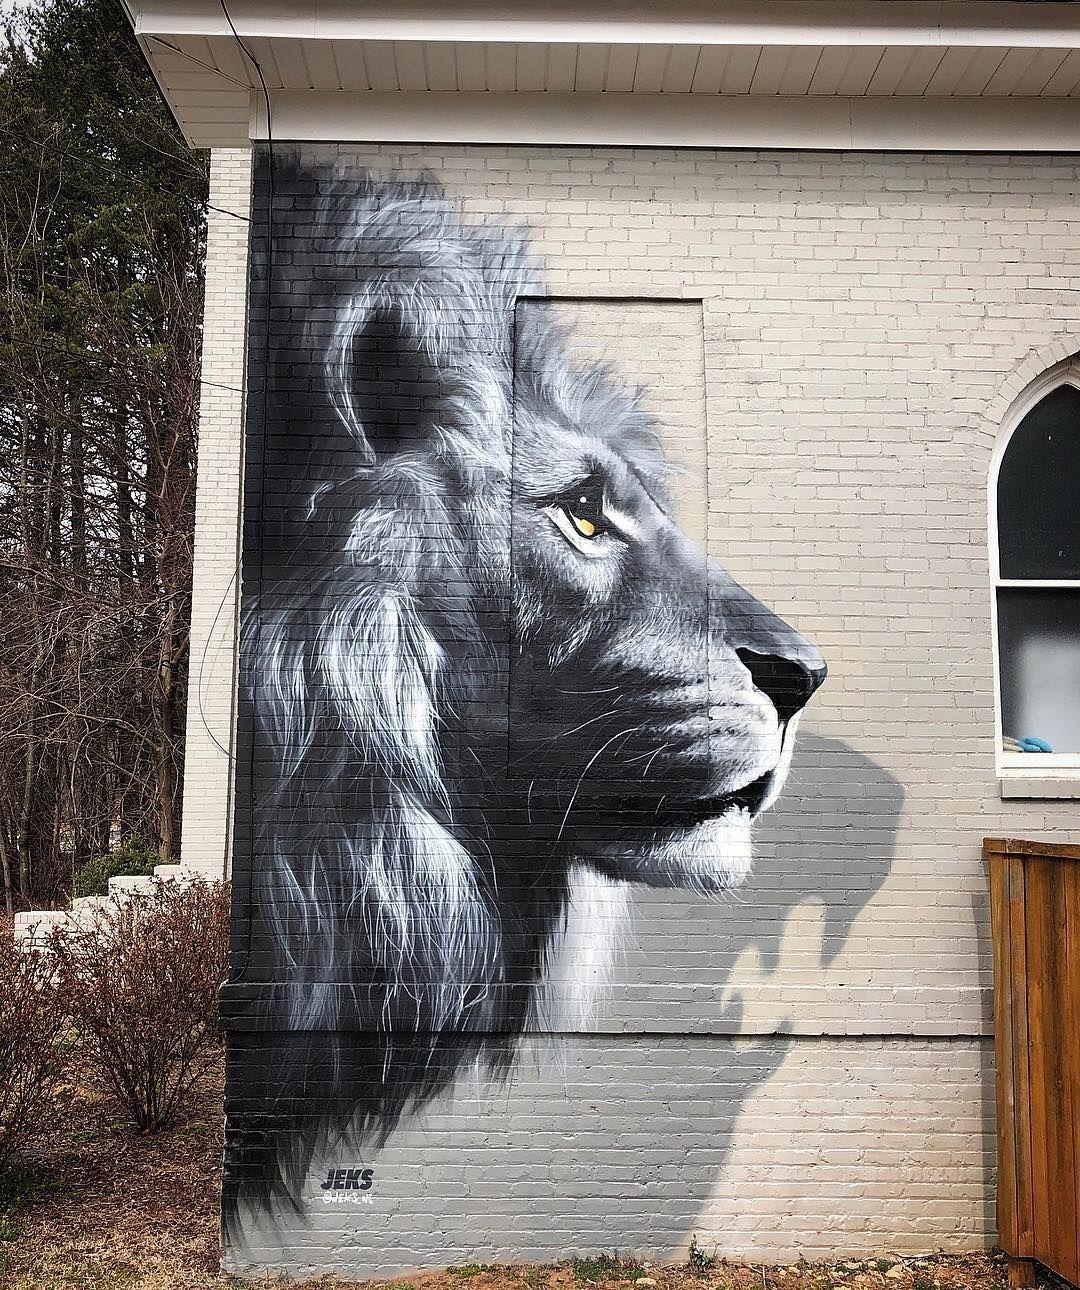 Jeks greensboro nc usa in 2019 street art graffiti